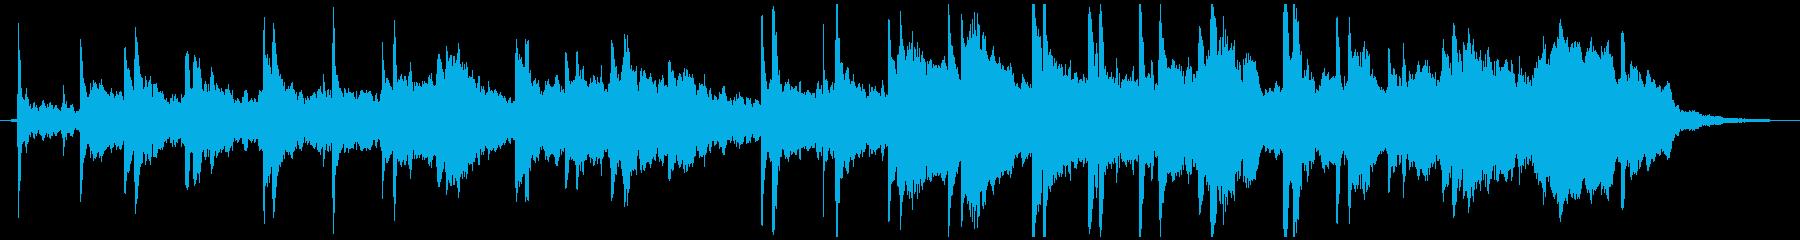 現代的 交響曲 モダン 実験的 ア...の再生済みの波形